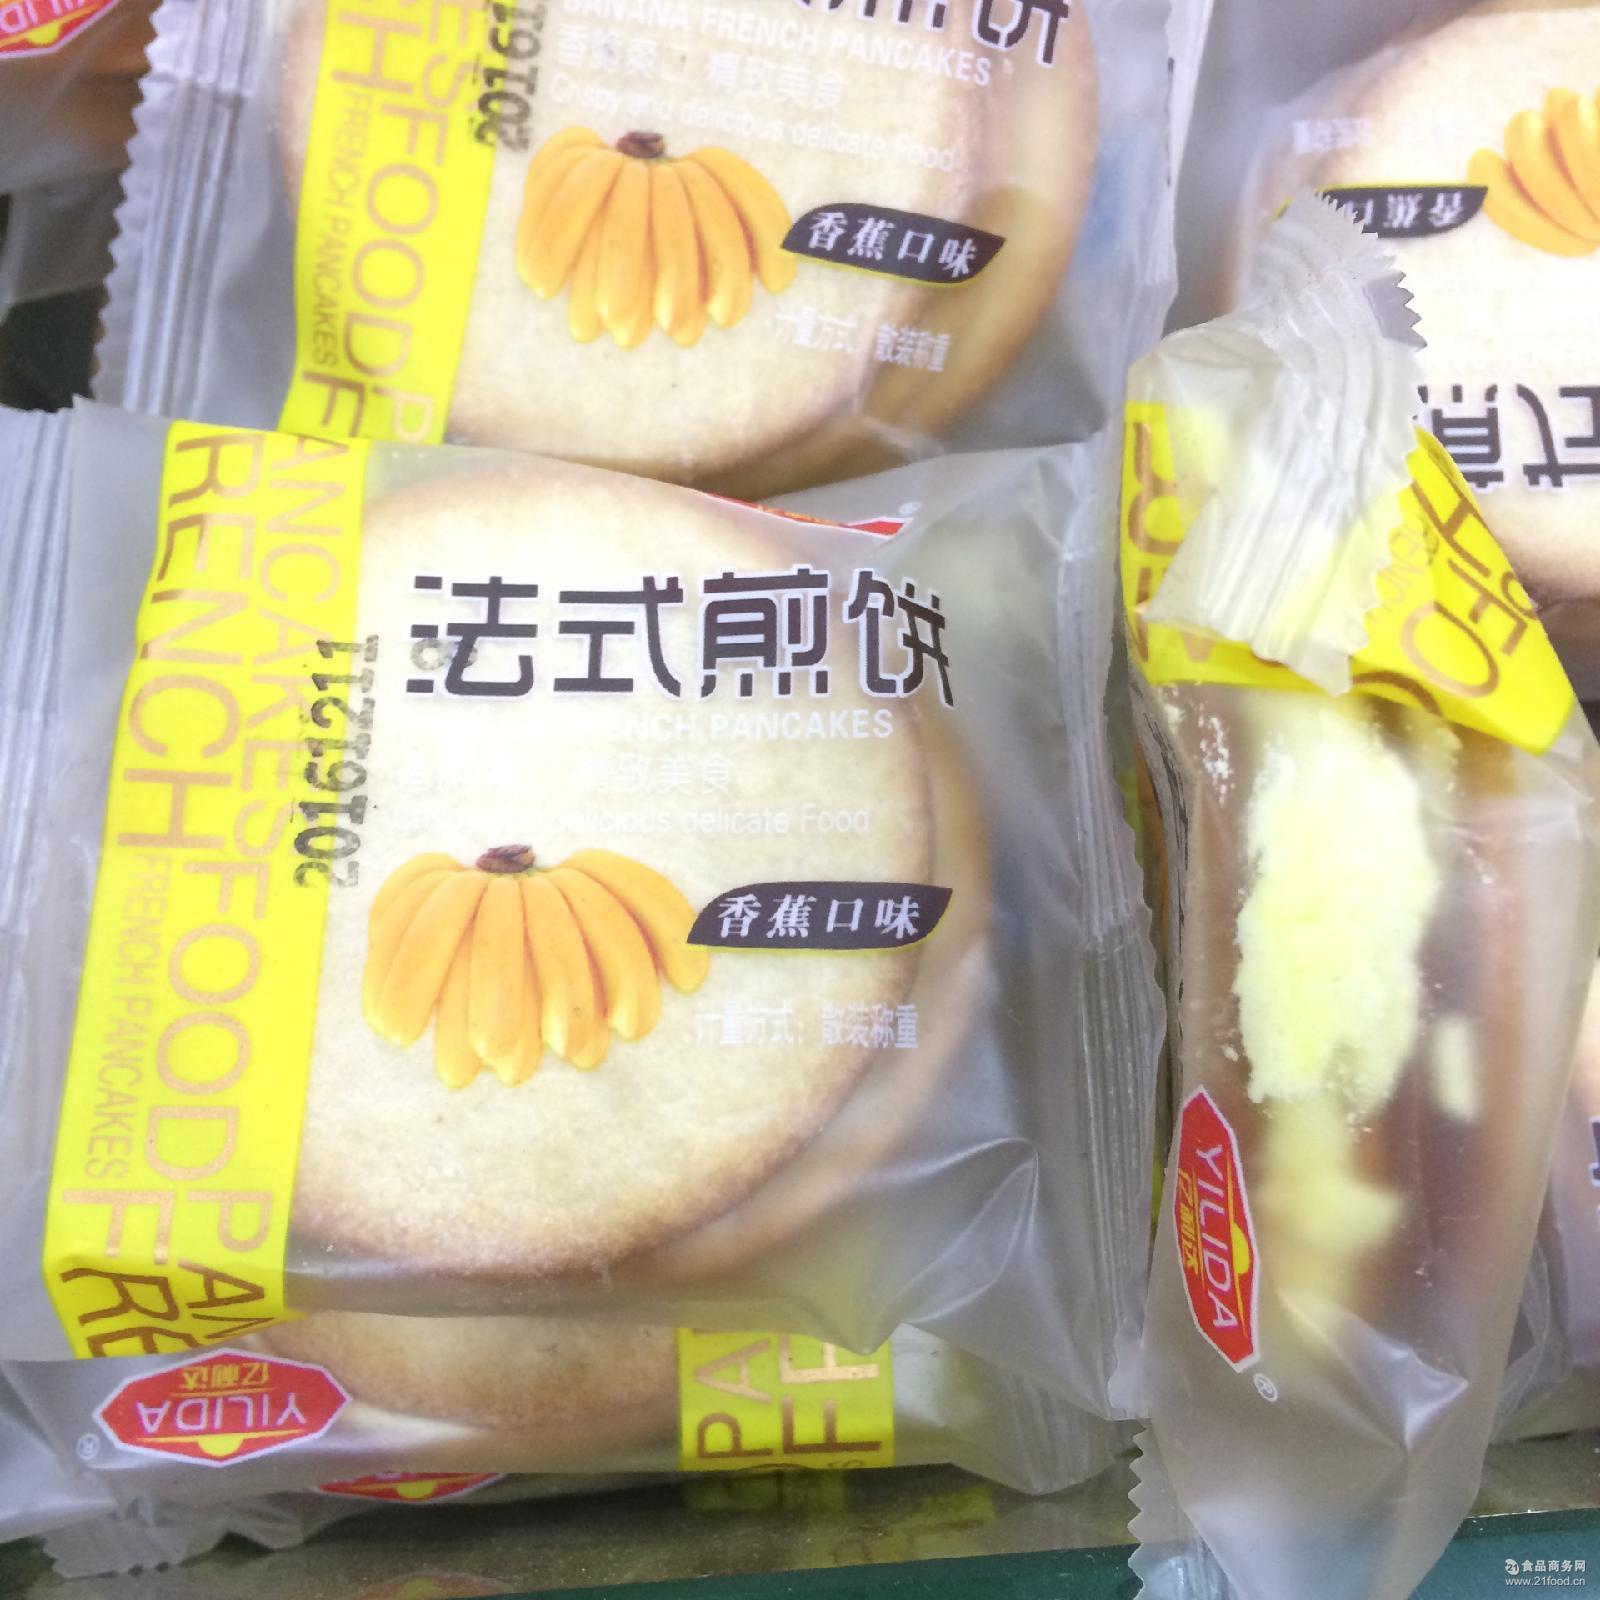 苏打一箱9.5斤 薄脆 大饼 法式煎饼 夹心饼干 亿利达饼干多款式